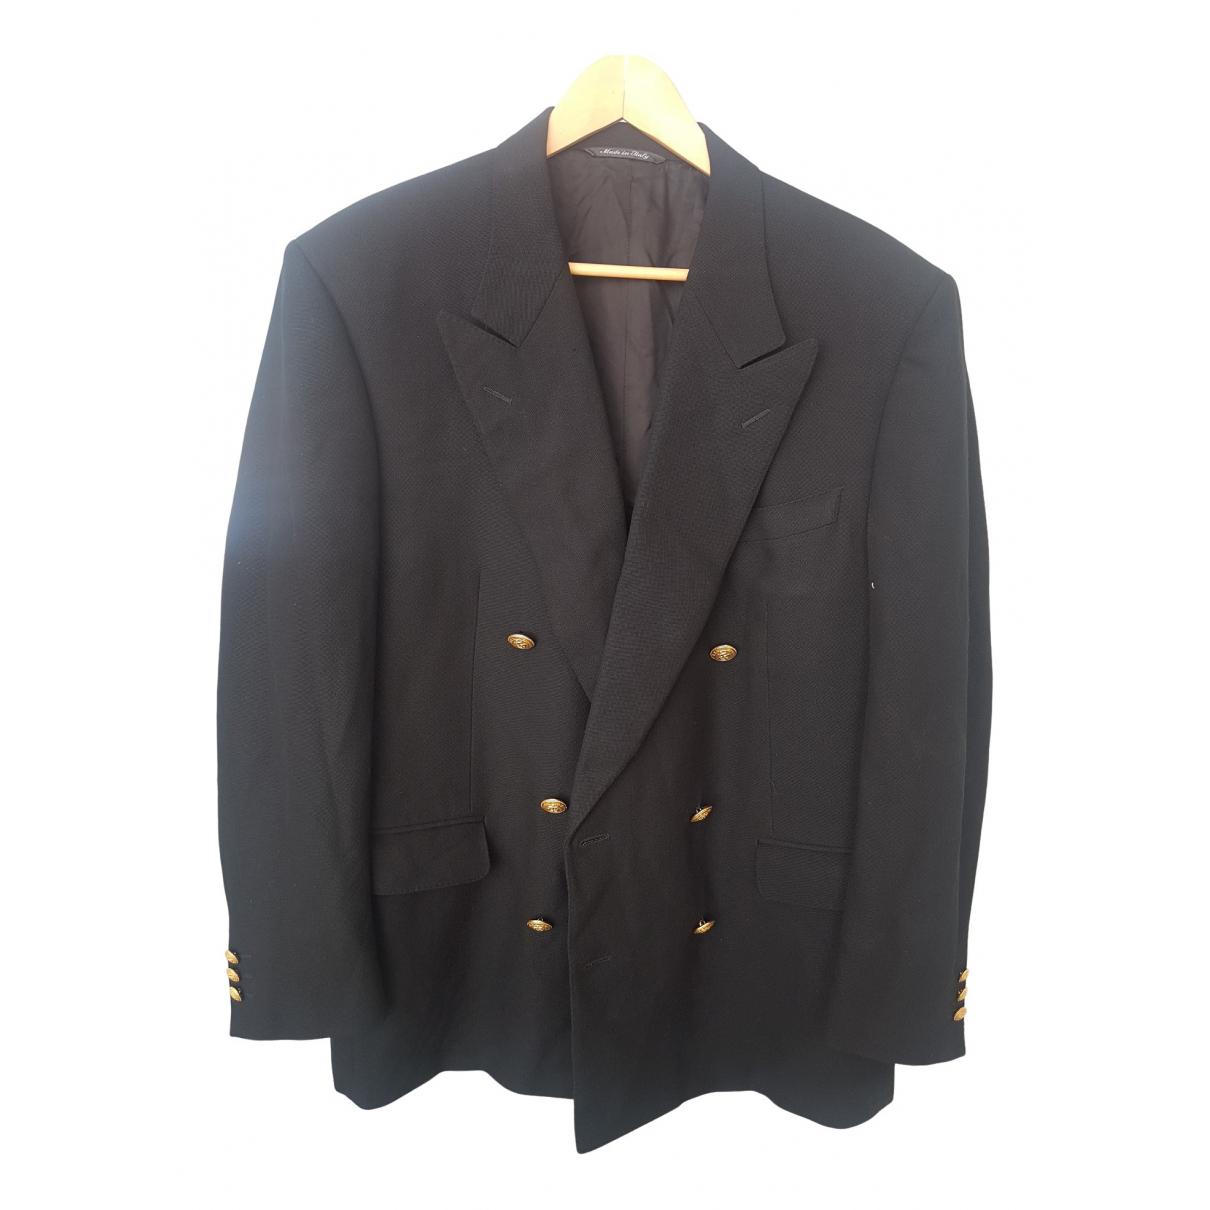 Celine \N Black Wool jacket for Women 50-52 IT